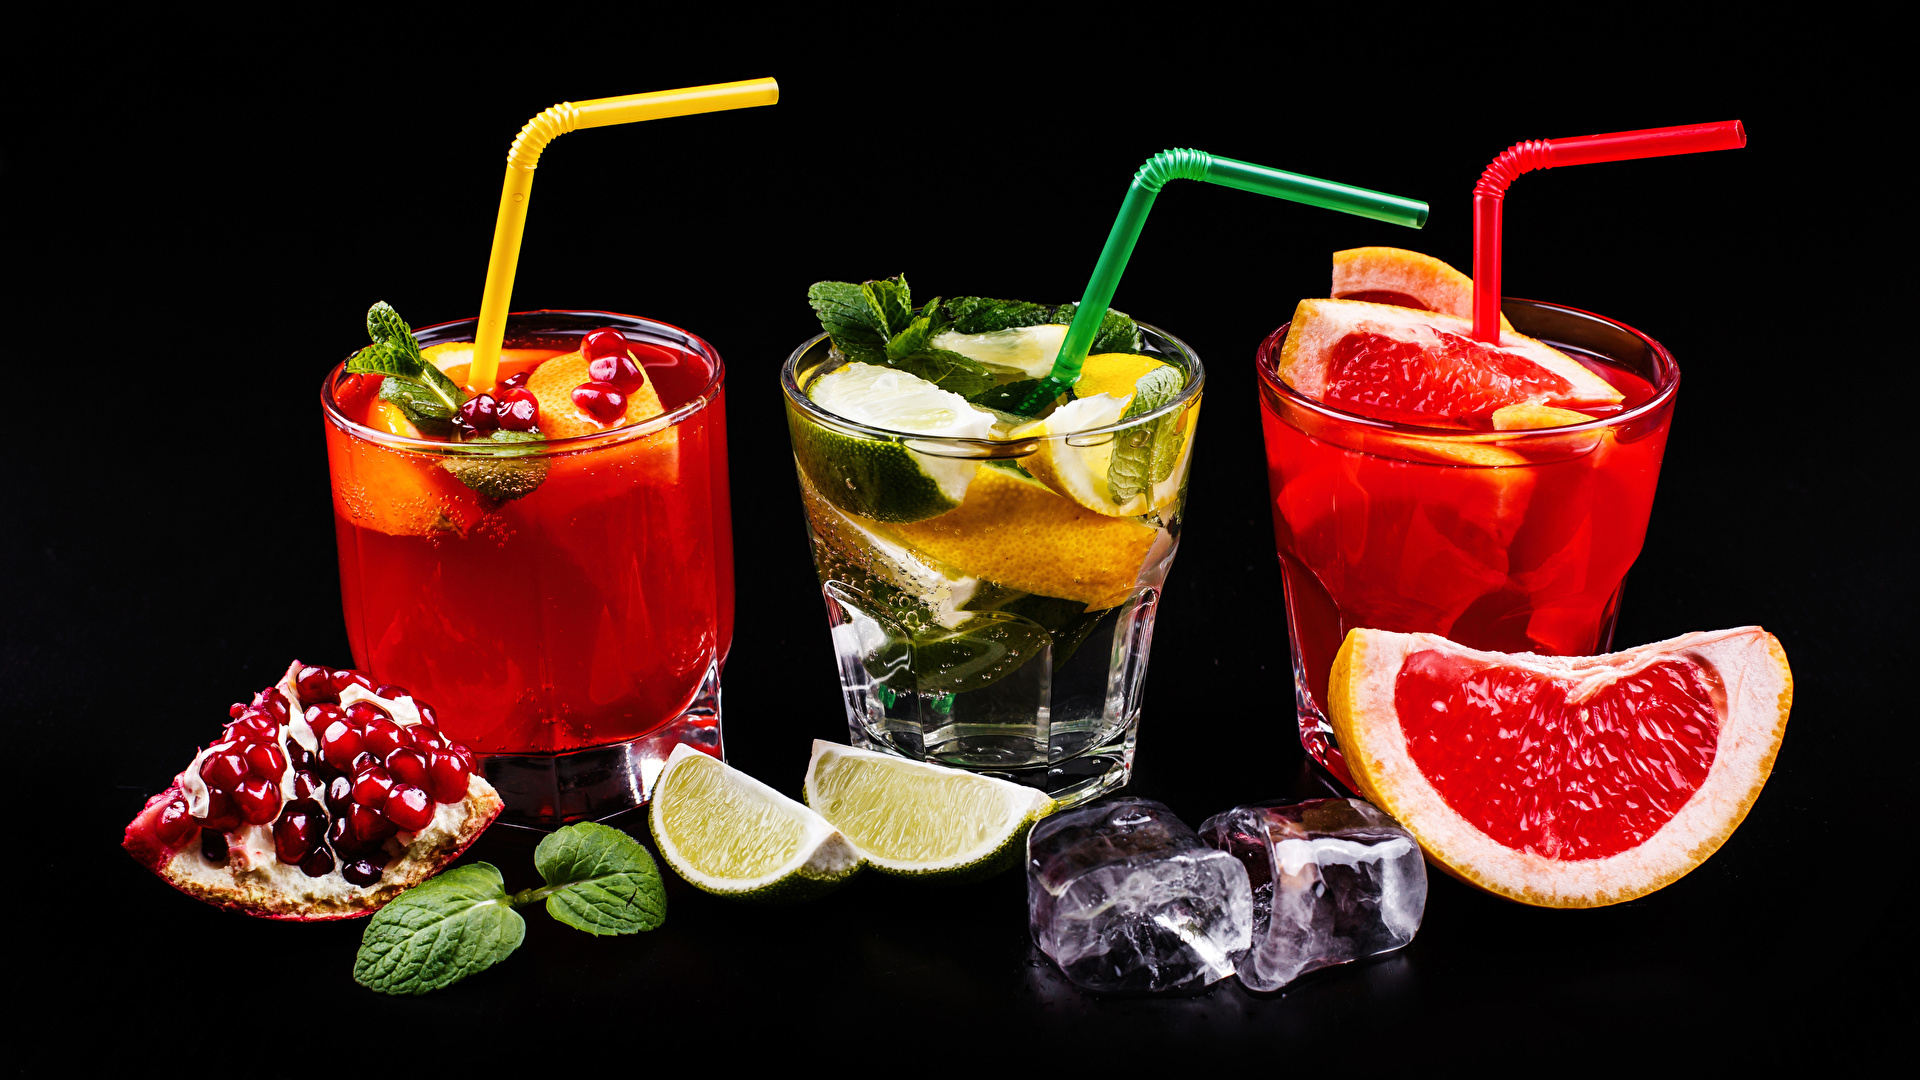 Обои для рабочего стола Алкогольные напитки льда Лайм Грейпфрут Гранат стакане Пища Трое 3 Коктейль Черный фон 1920x1080 Лед Стакан стакана Еда три втроем Продукты питания на черном фоне